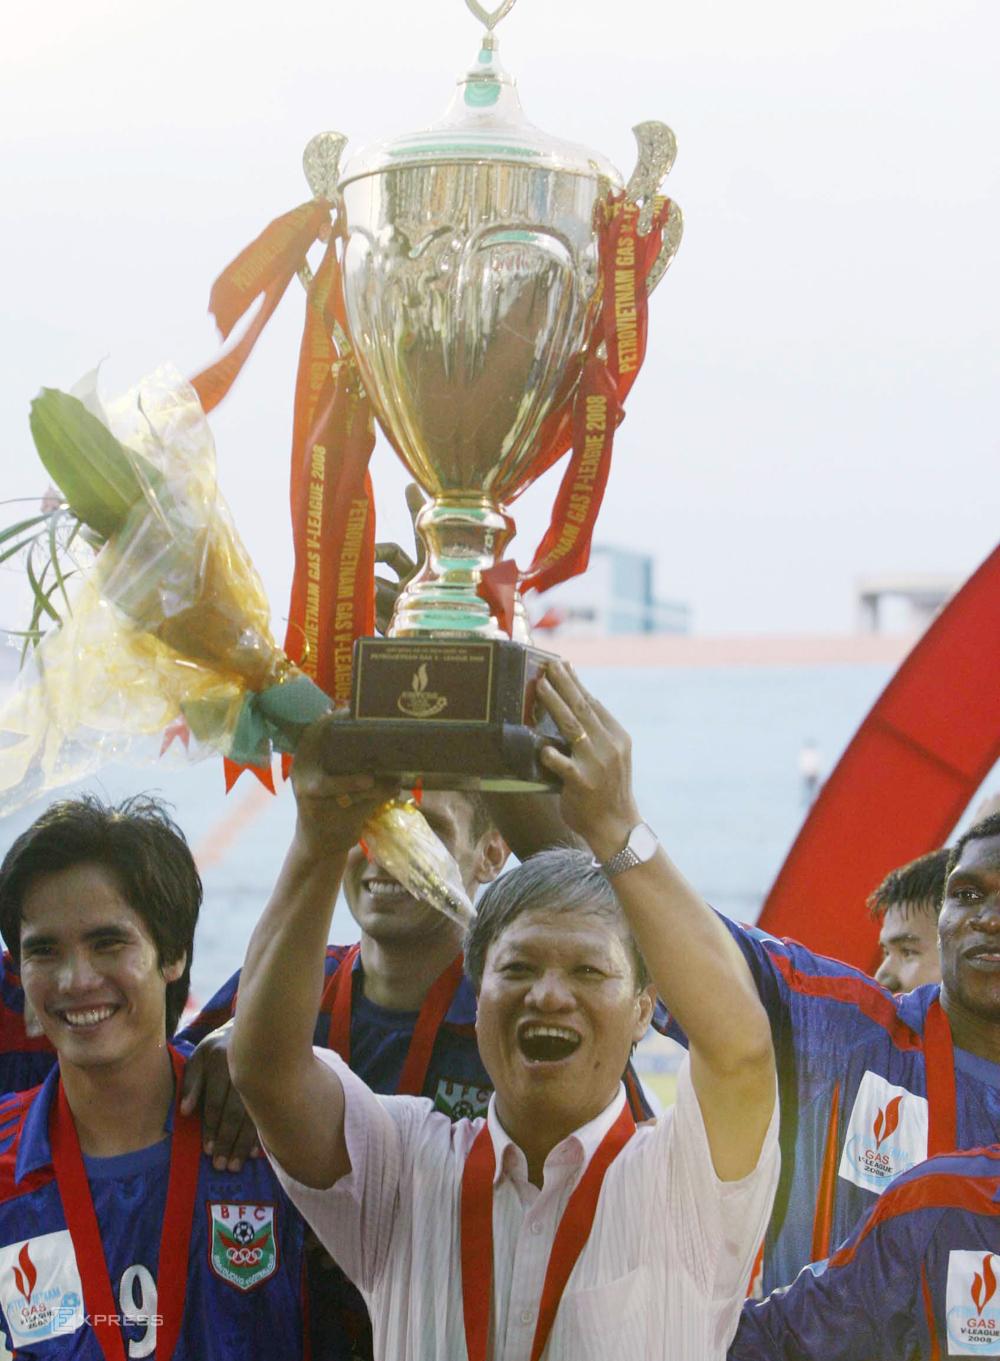 HLV Lê Thuỵ Hải từng ba lần vô địch V-League cùng Bình Dương. Ảnh: Đức Đồng